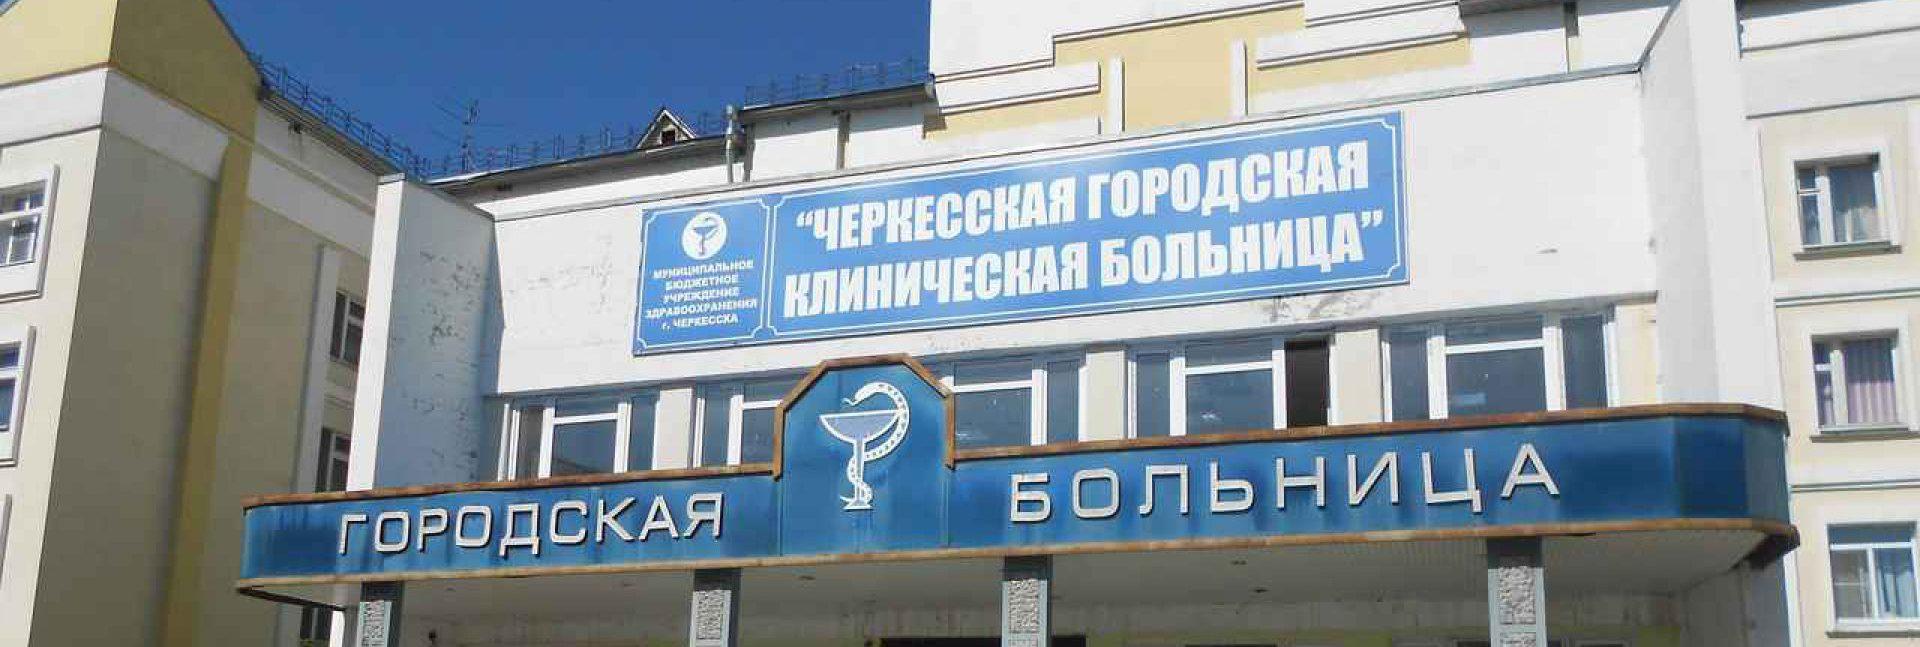 «Черкесская городская клиническая больница»